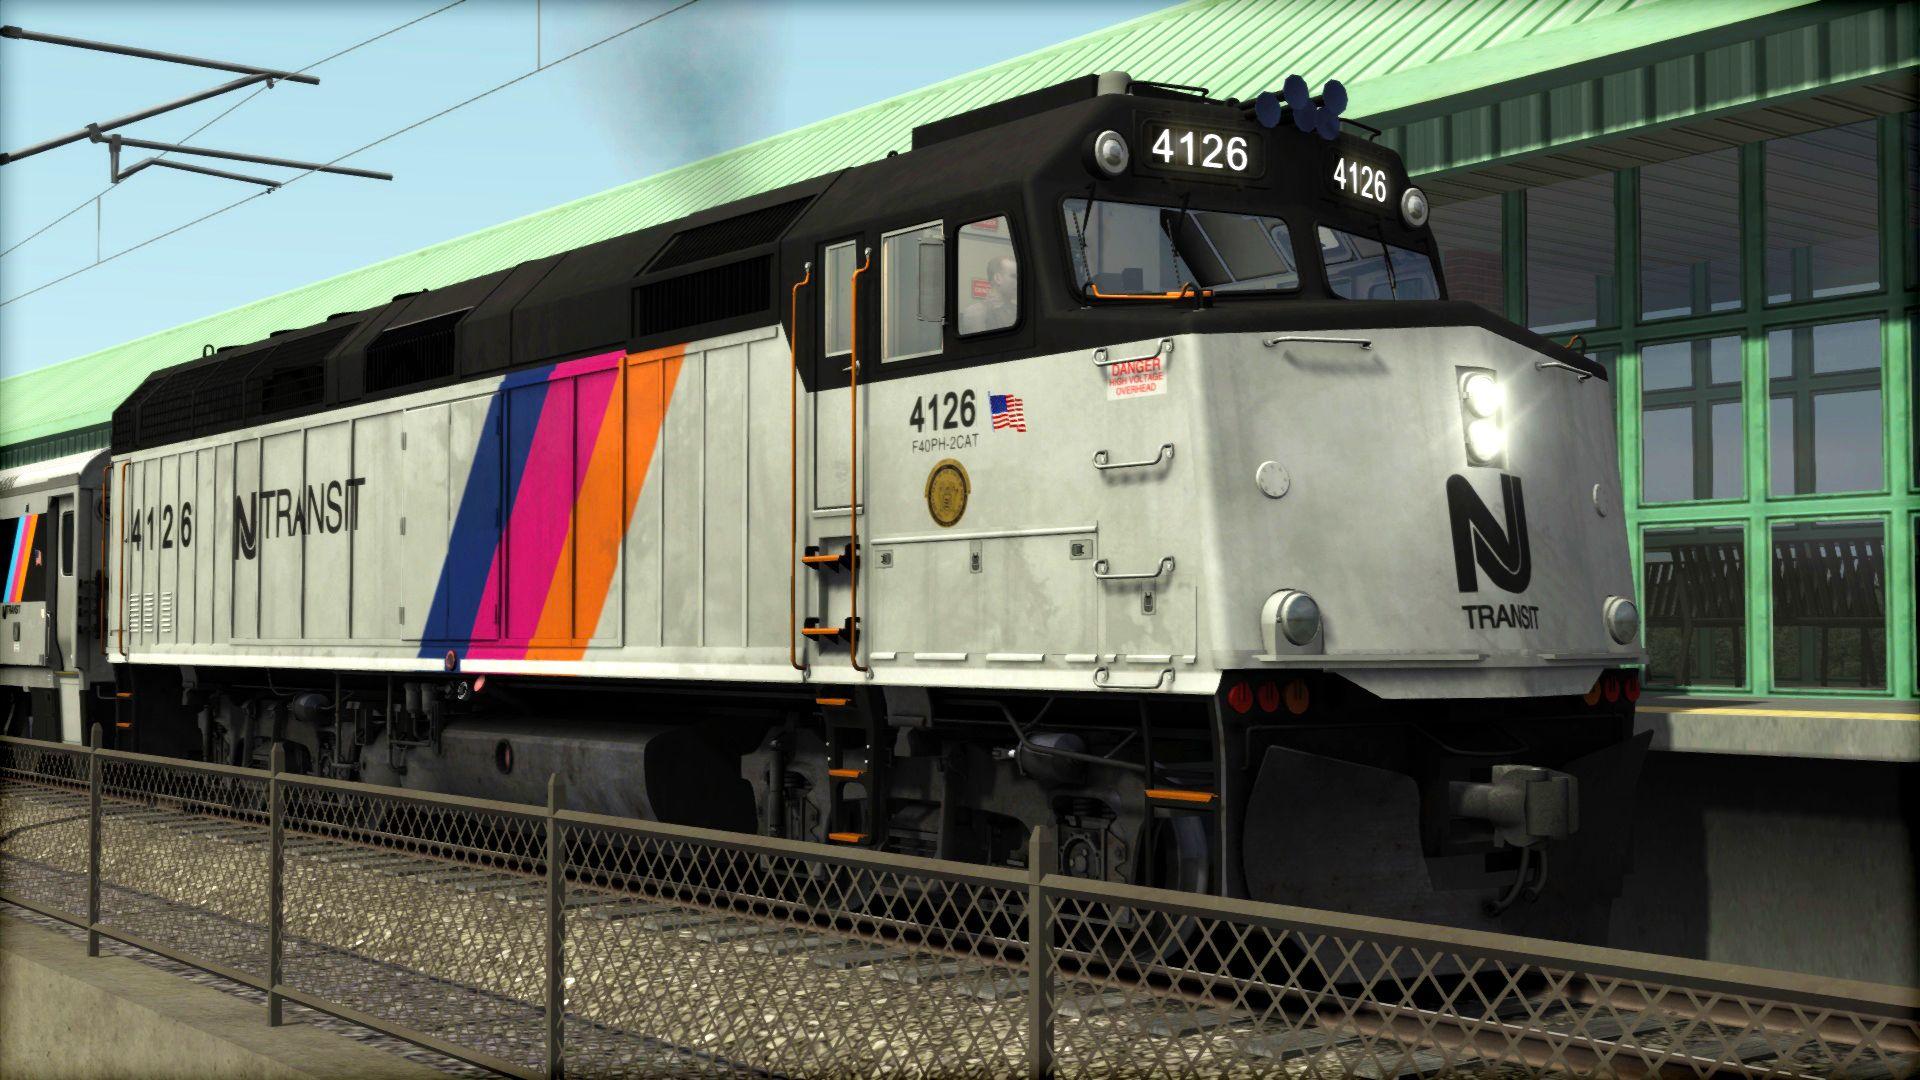 NJF405